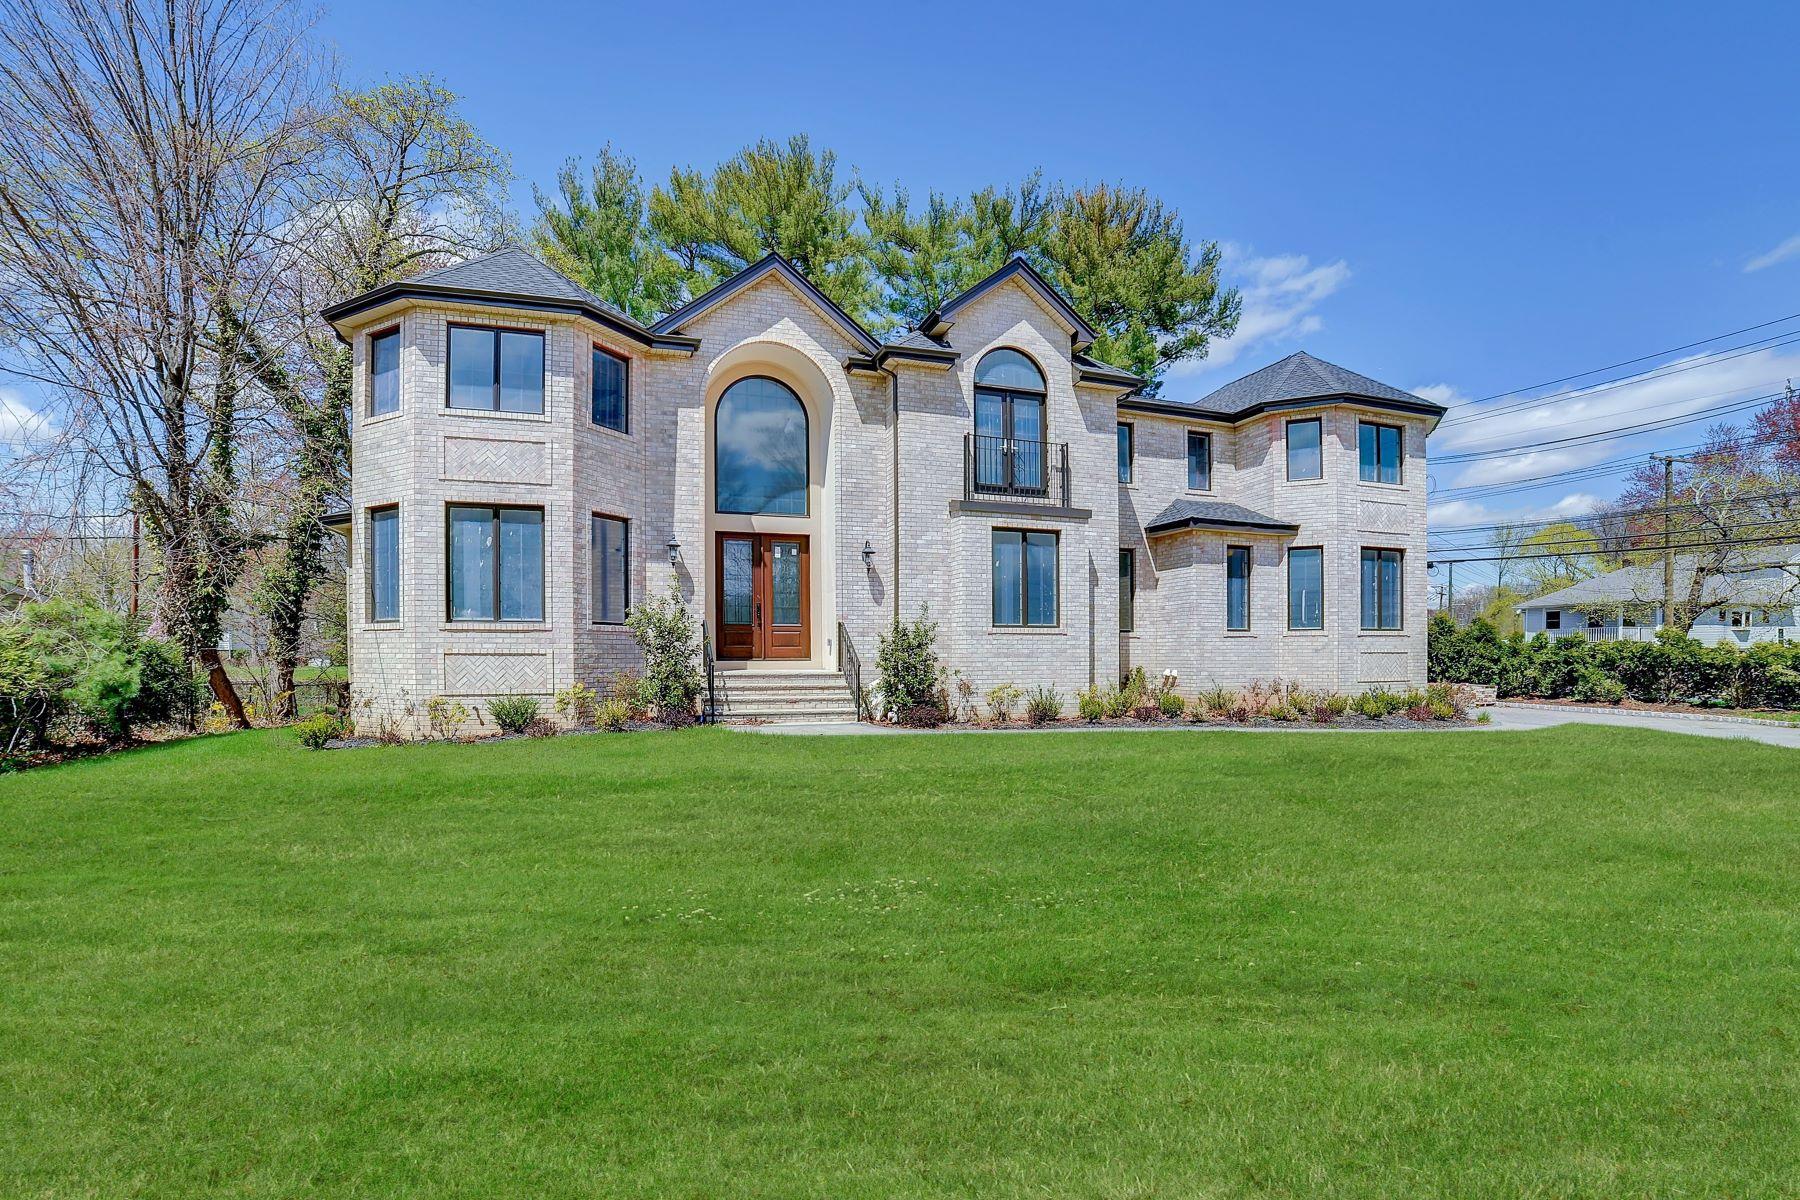 独户住宅 为 销售 在 New Construction in Glen Rock! 574 Prospect Street, 格伦洛克, 新泽西州 07452 美国